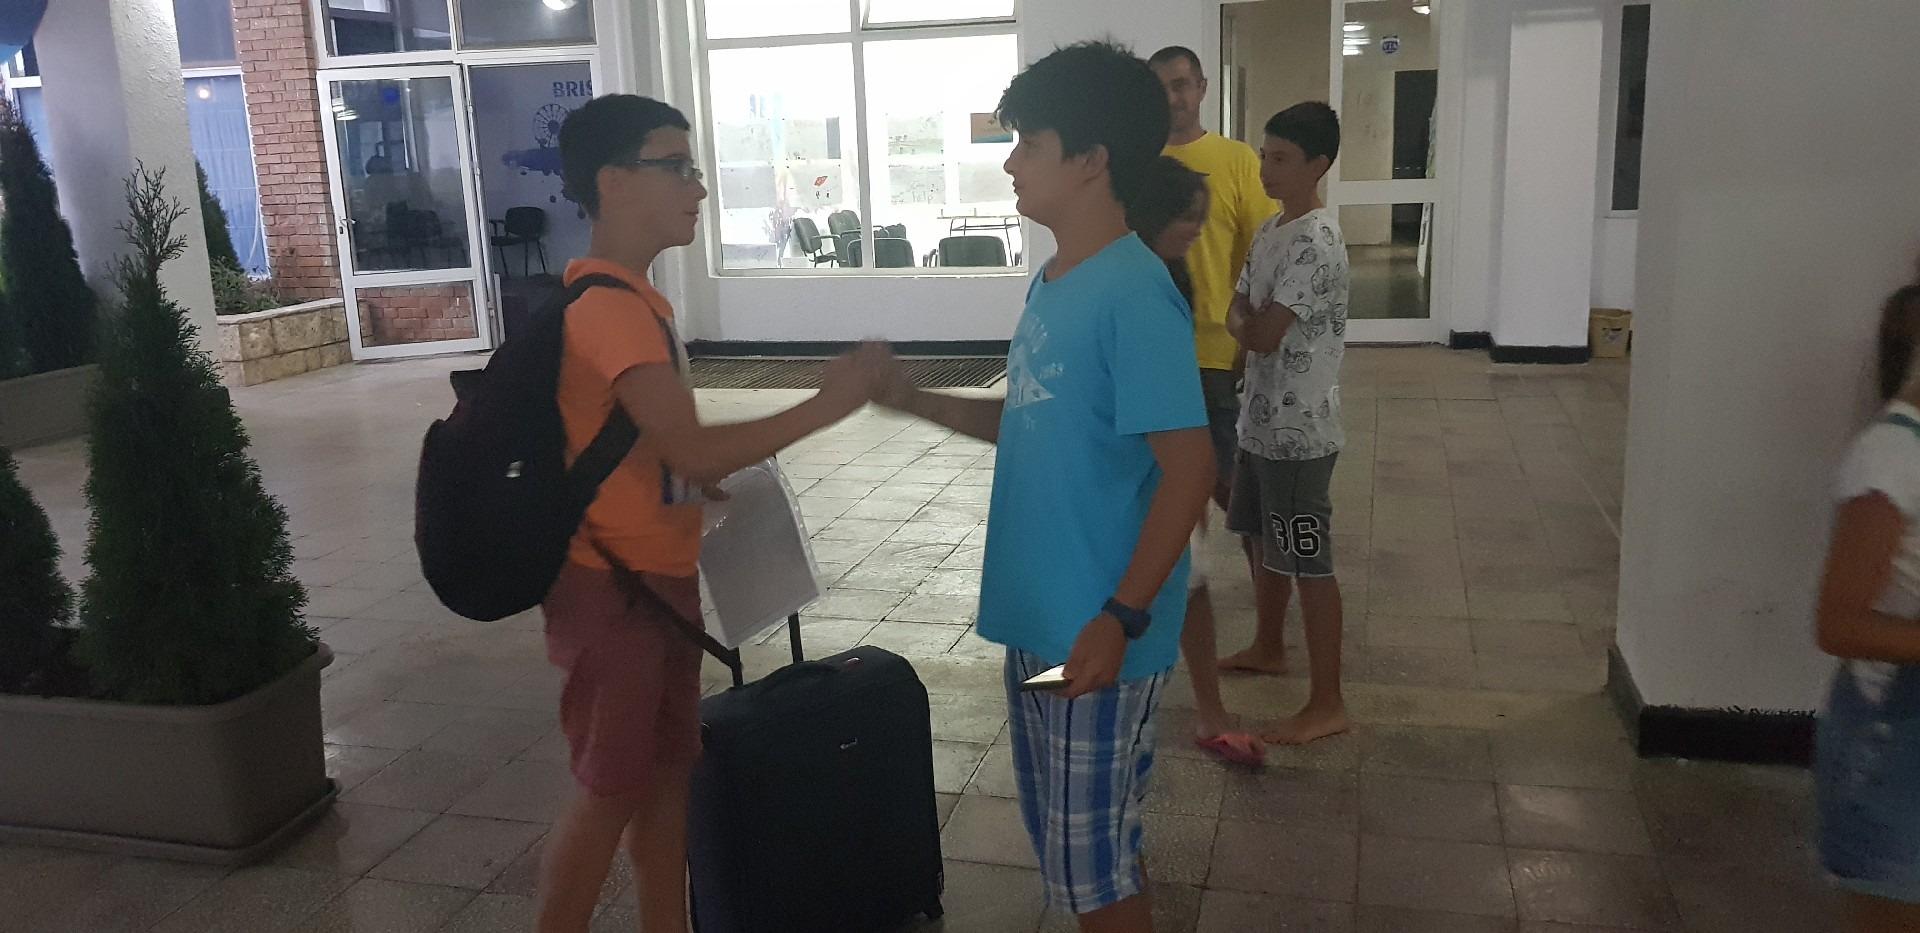 летни езикови лагери за деца Z кемп, Ден 38 - последна вечер - момче с куфар се сбогува с друго момче